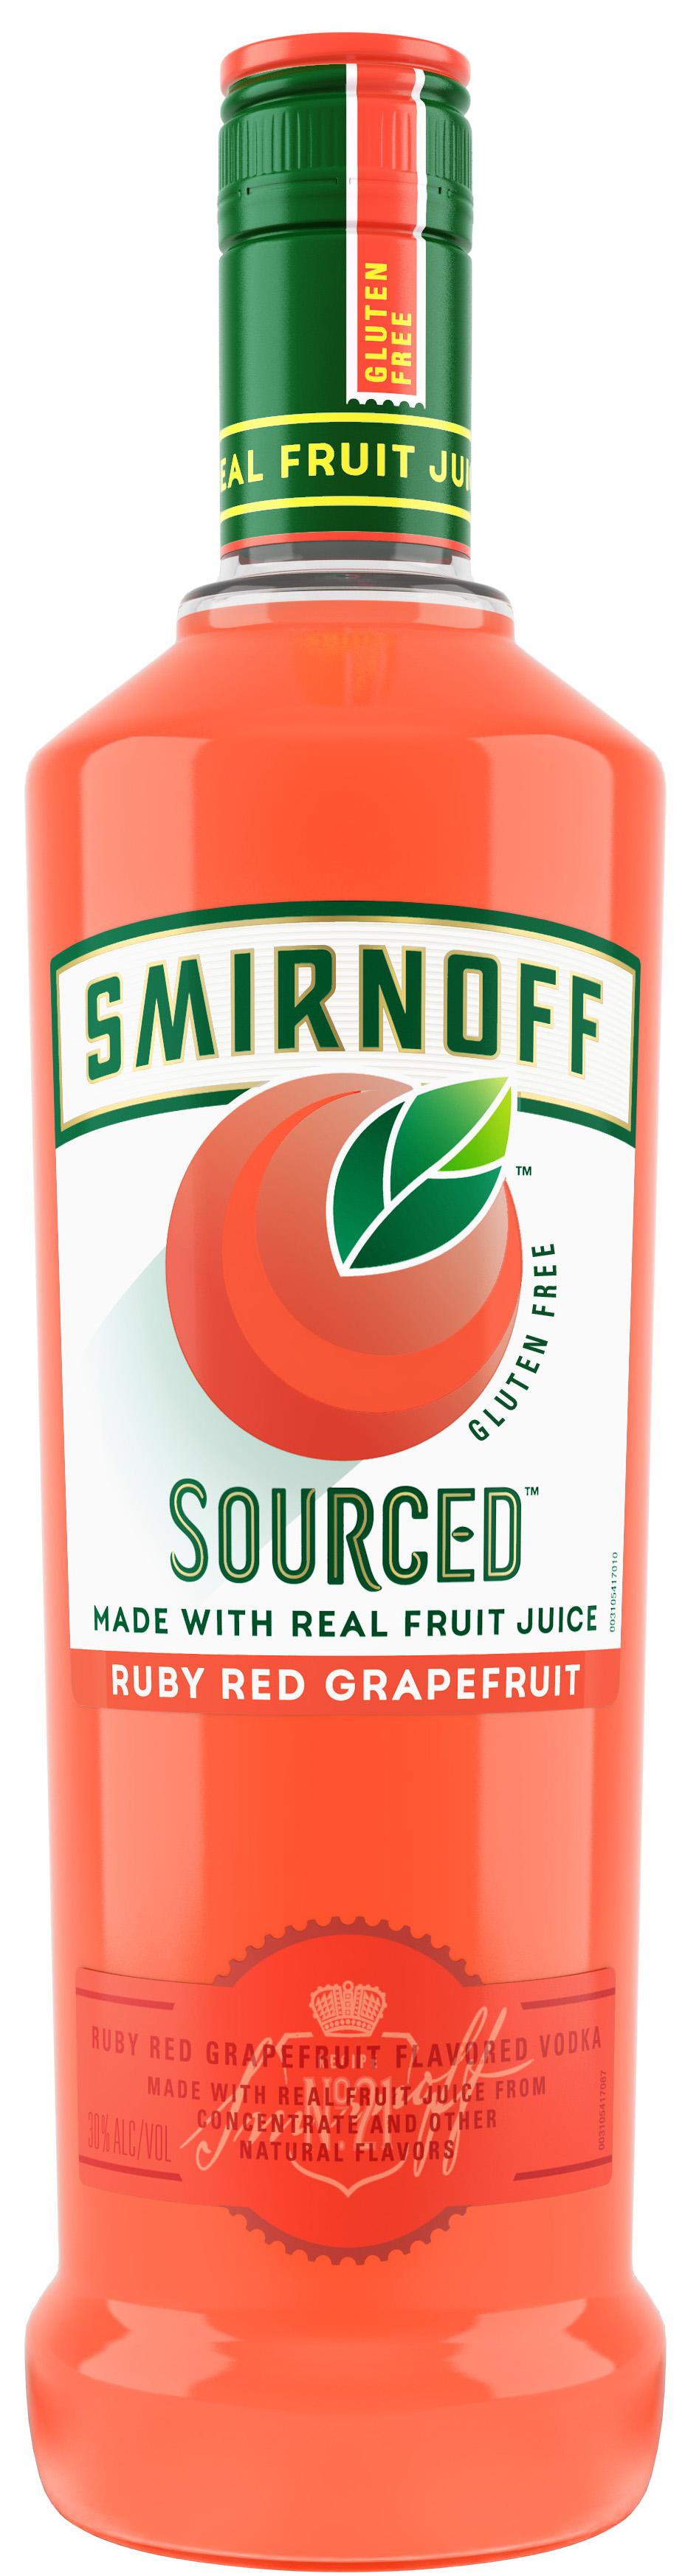 Smirnoff Sourced.jpg